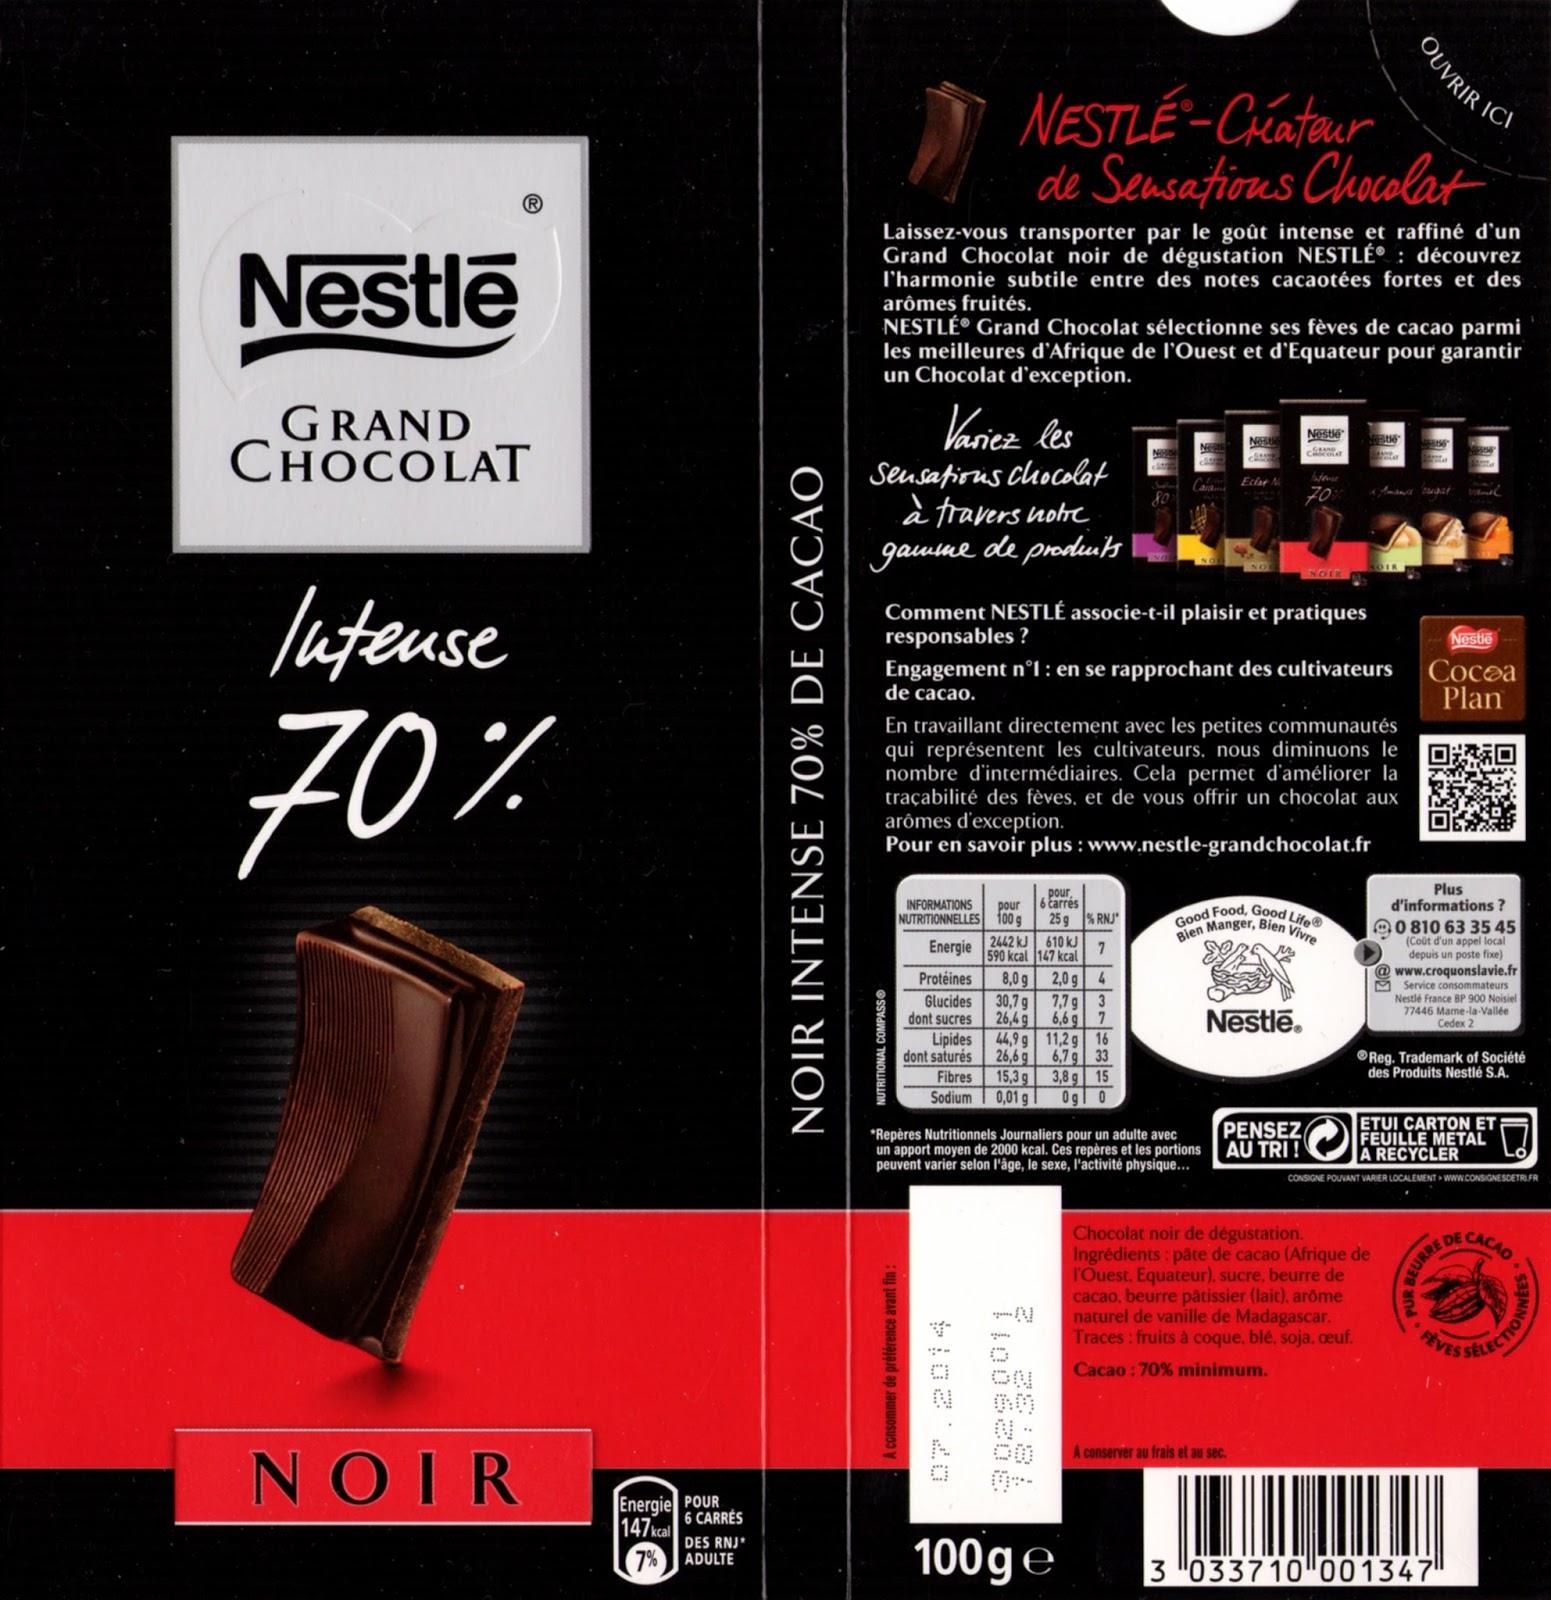 tablette de chocolat noir dégustation nestlé grand chocolat intense 70